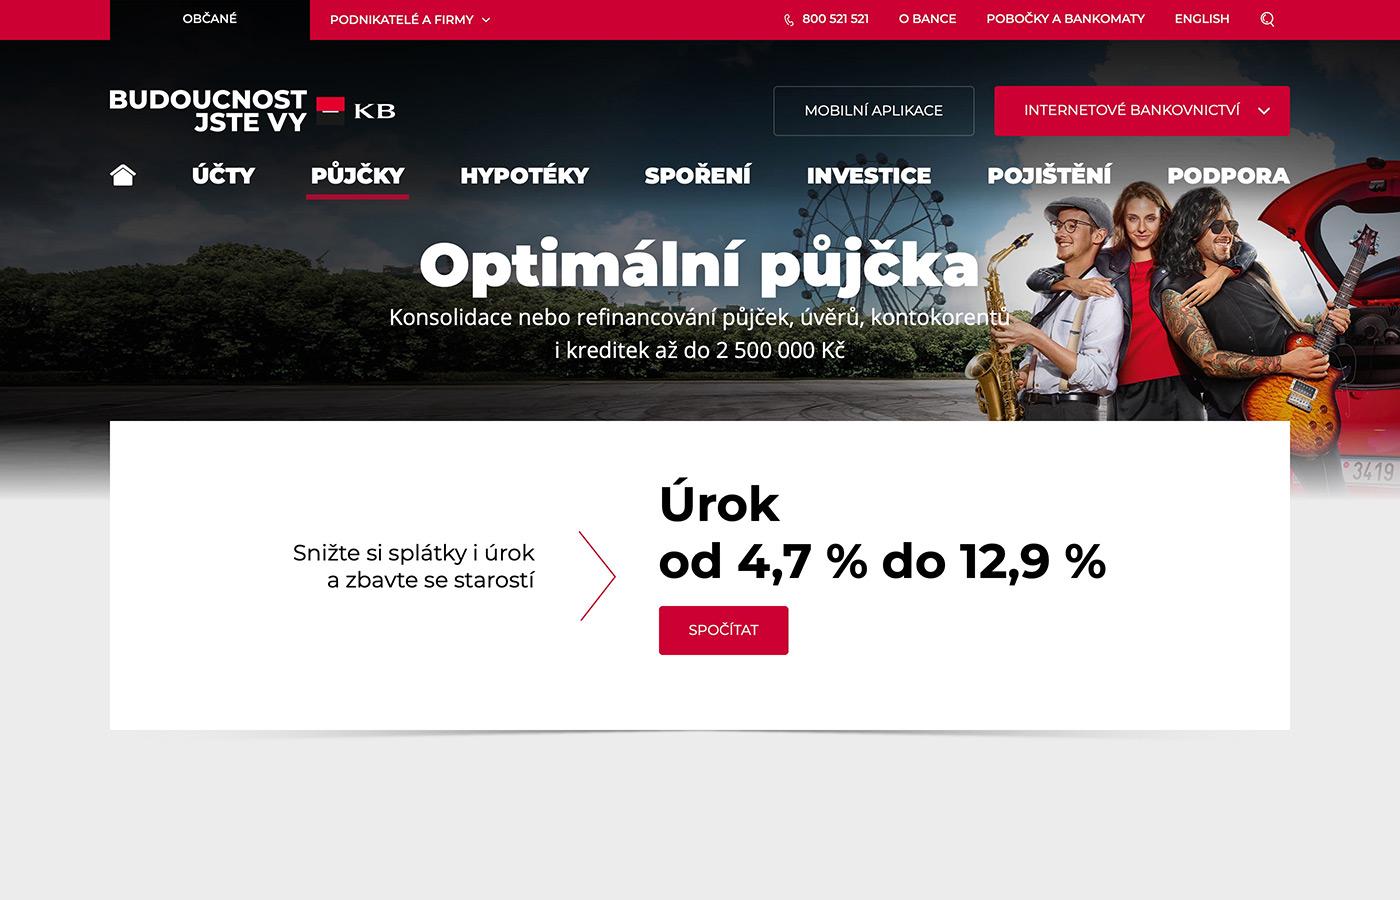 Webové stránky https://www.kb.cz/cs/obcane/pujcky/optimalni-pujcka